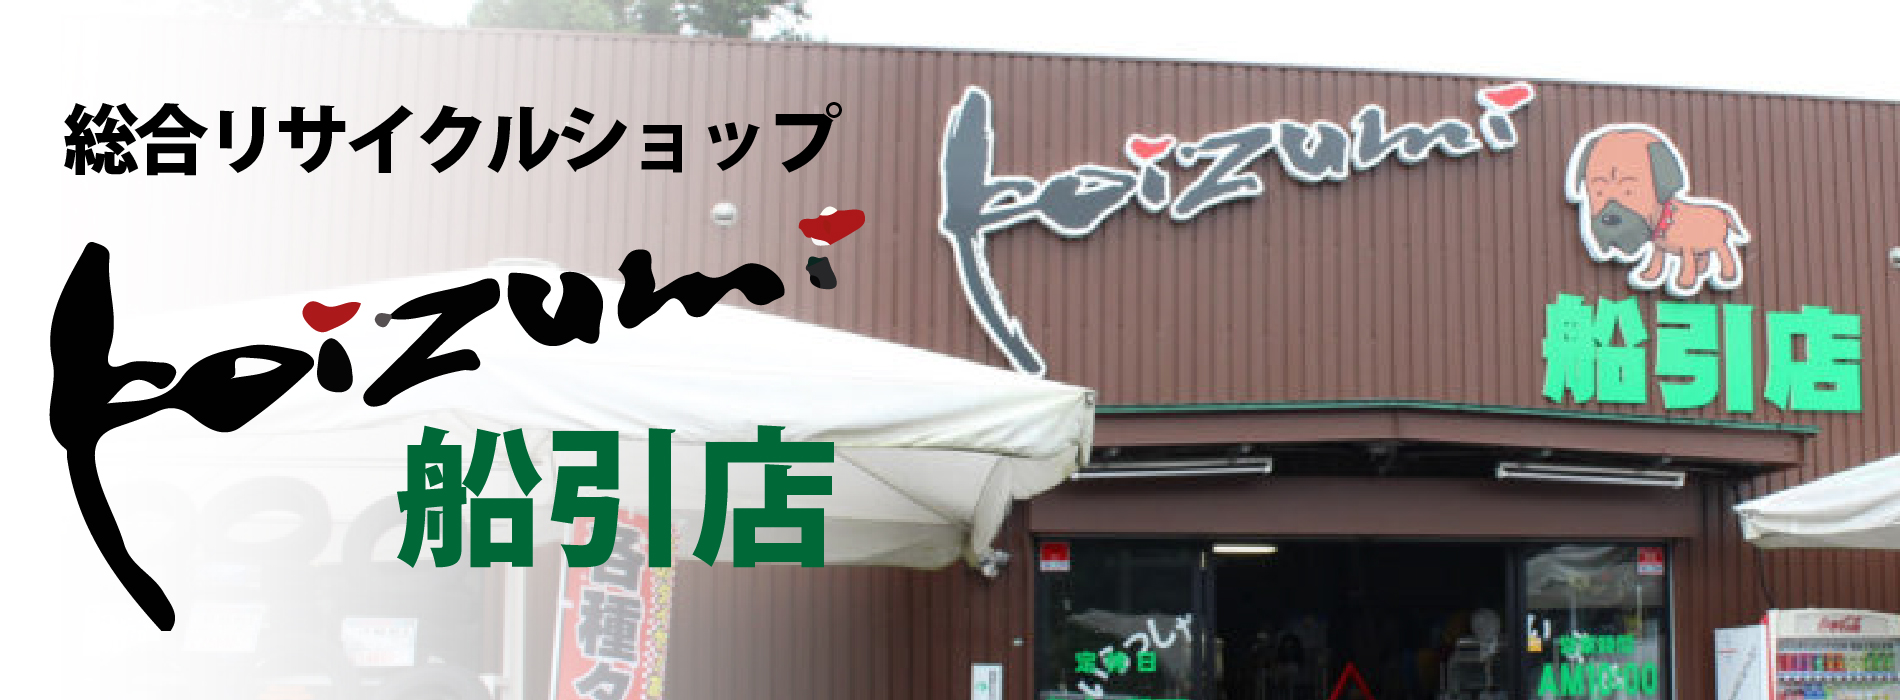 福島県田村市のリサイクルショップKOIZUMI